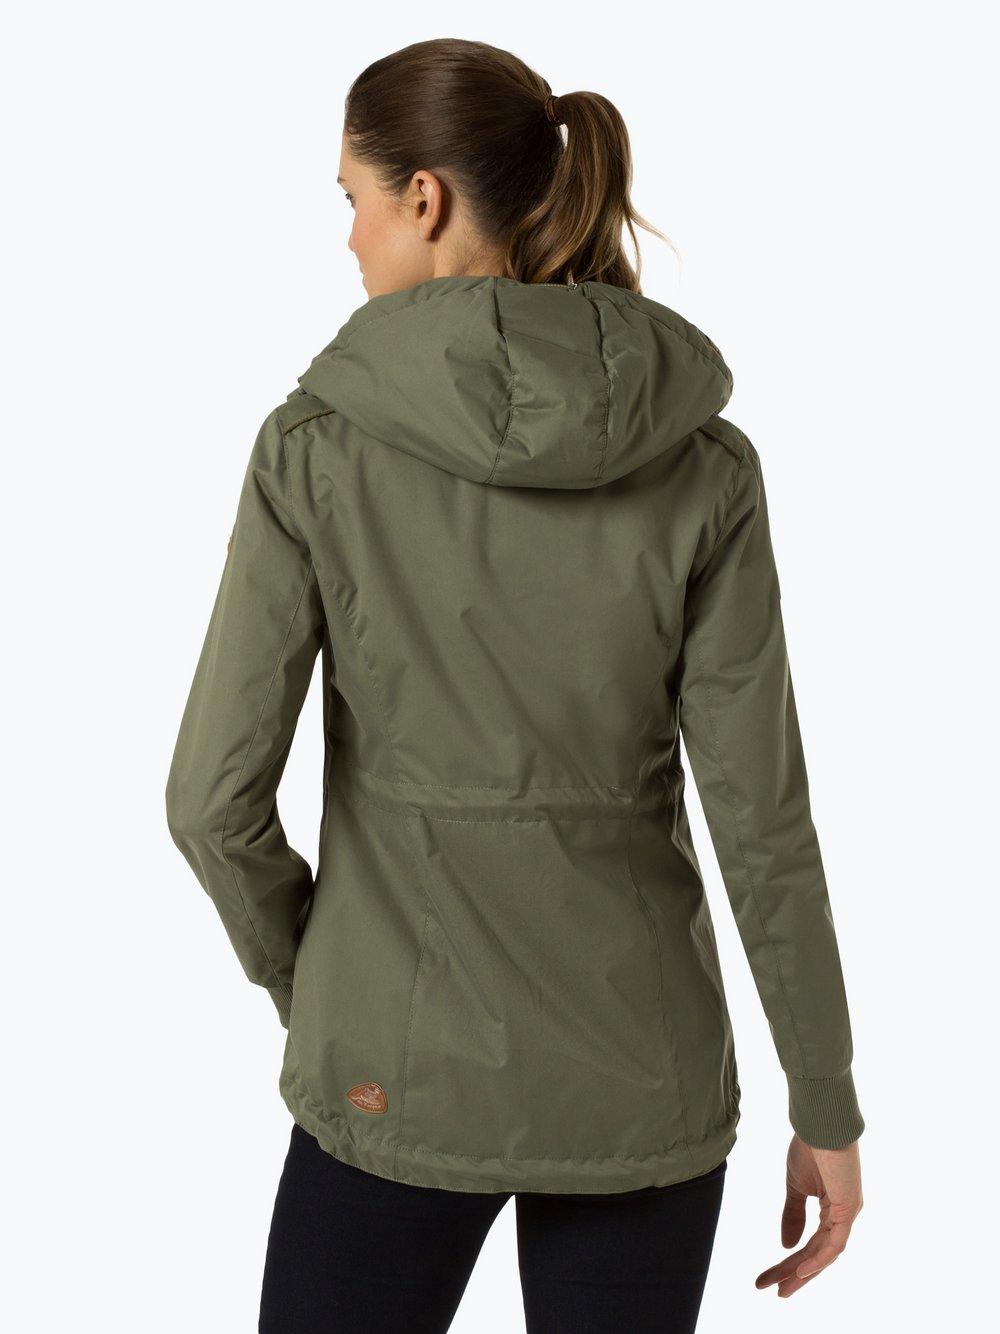 Damen Jacke Online KaufenPeek Und Ragwear Danka thdsQr